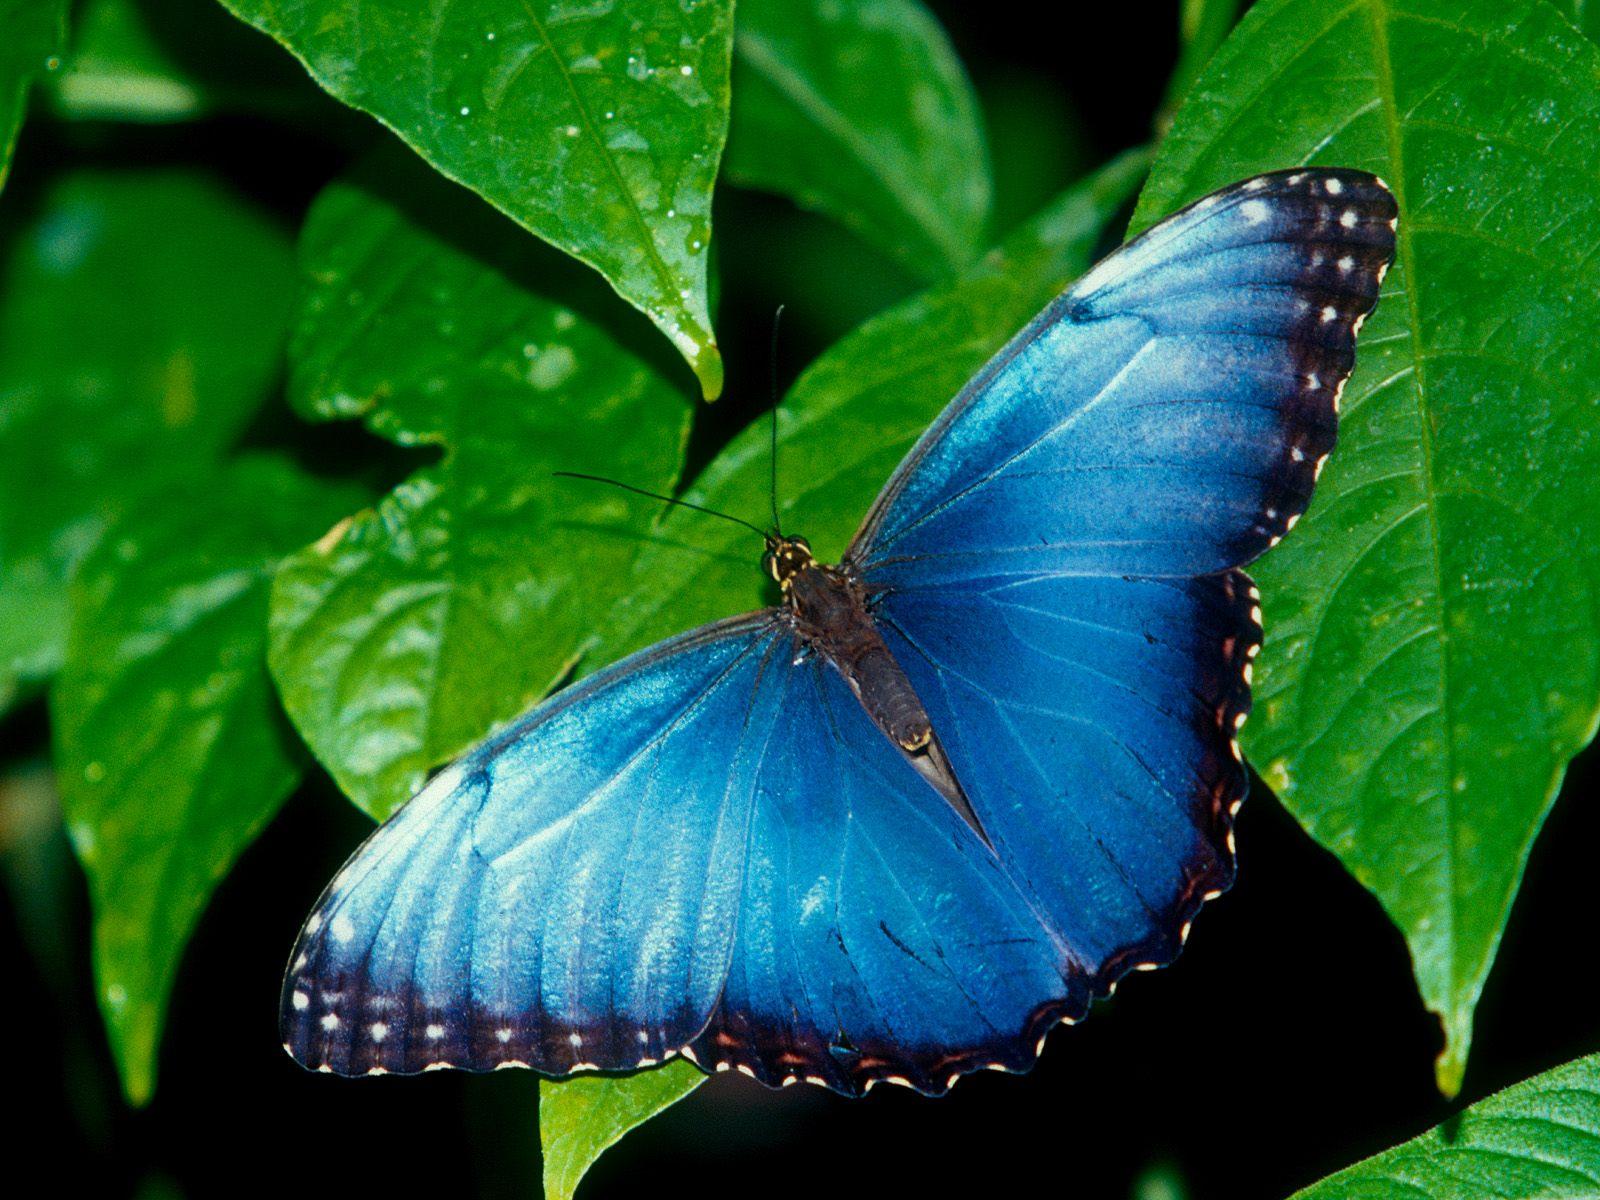 Butterfly Wallpaper 3D Wallpaper Nature Wallpaper Download 1600x1200